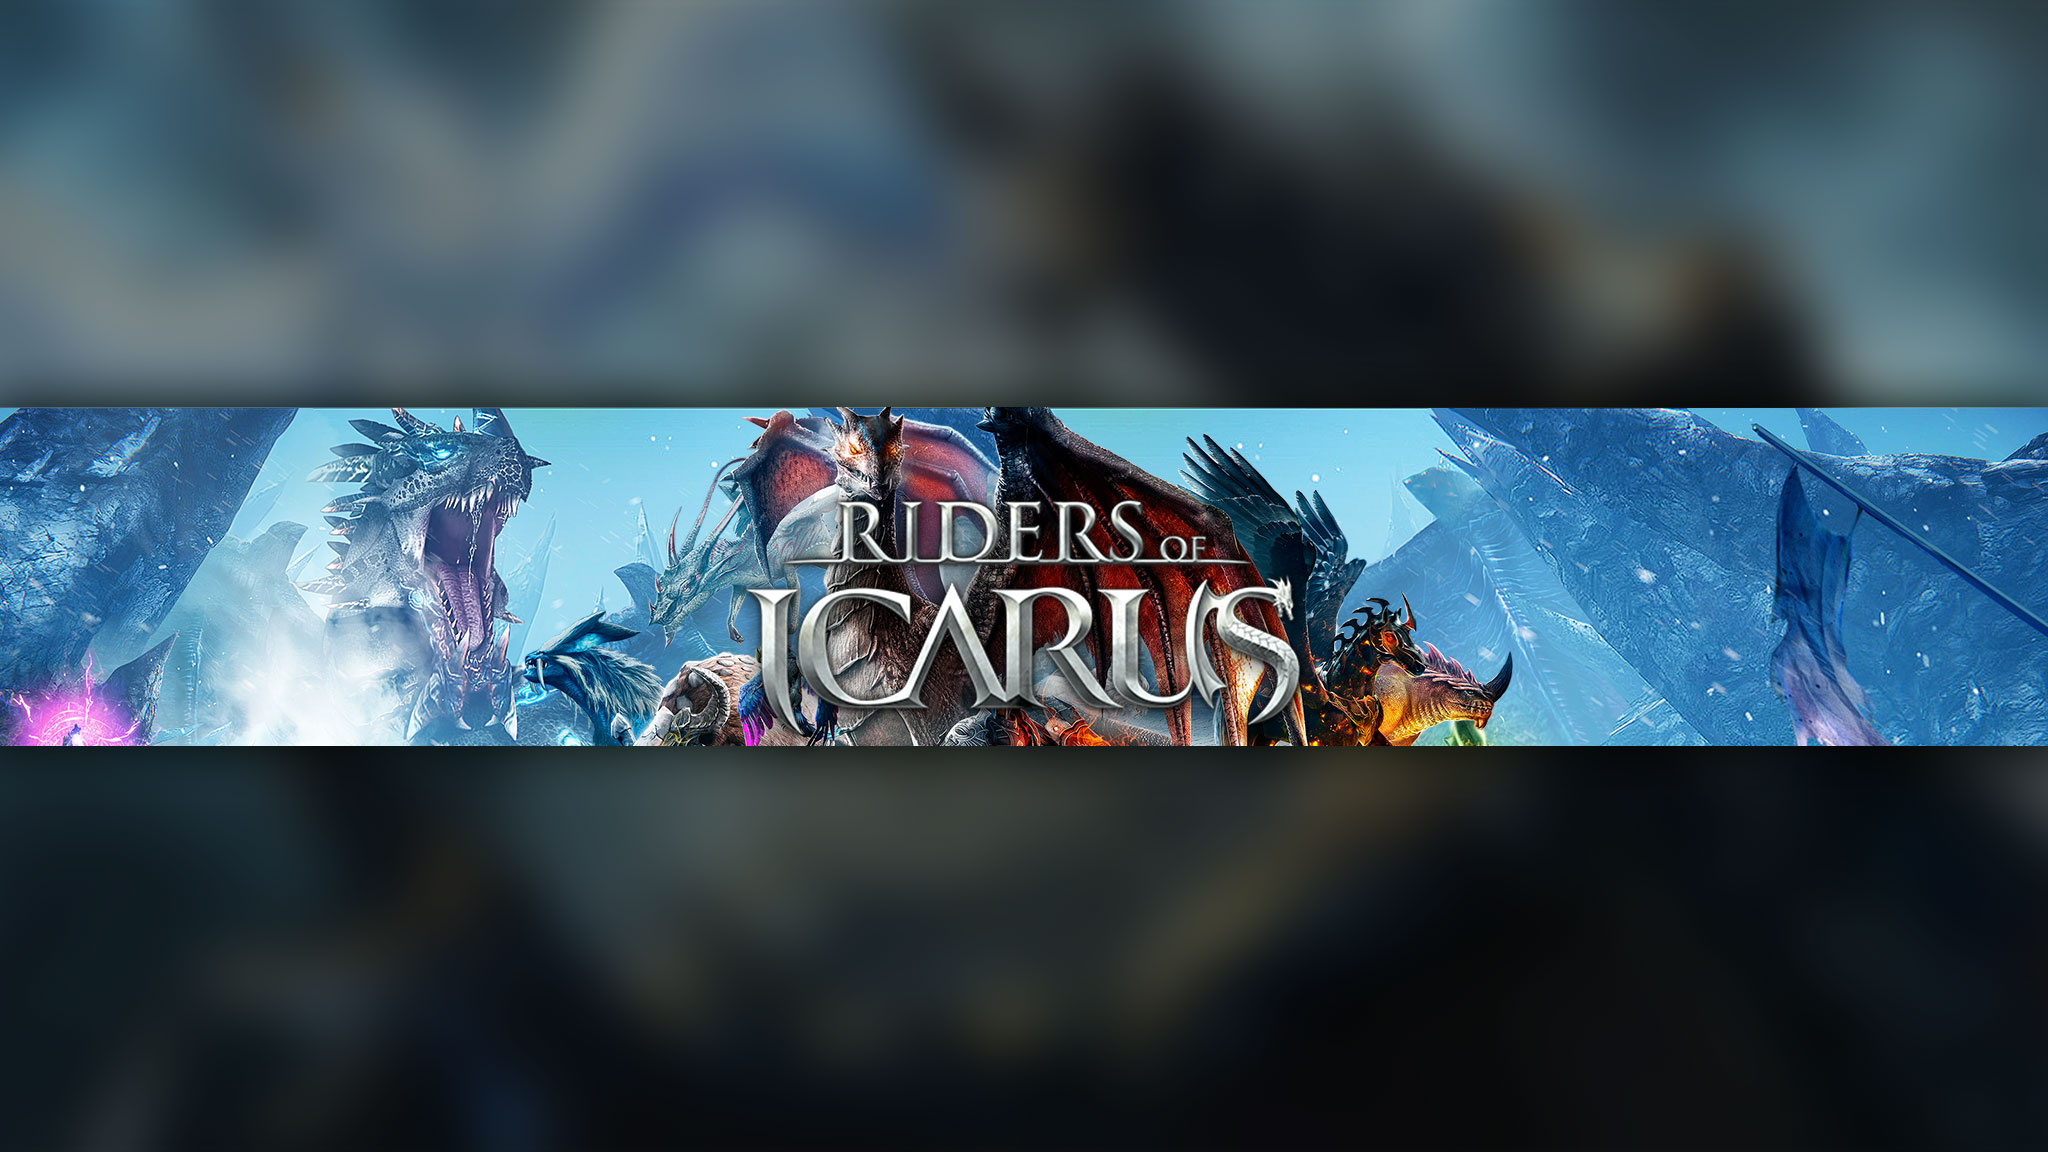 Картинка с текстом Icarus с драконами на фоне голубого неба.